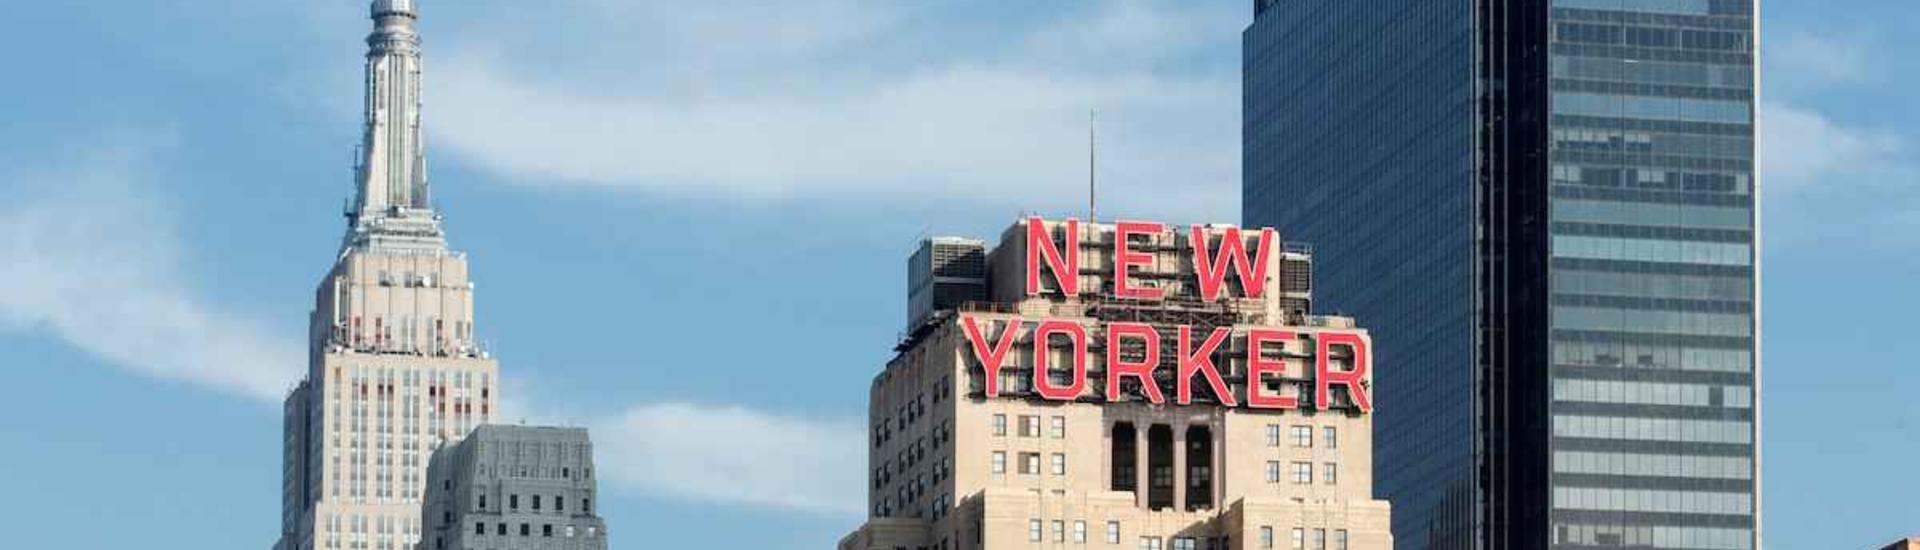 New York & Aruba